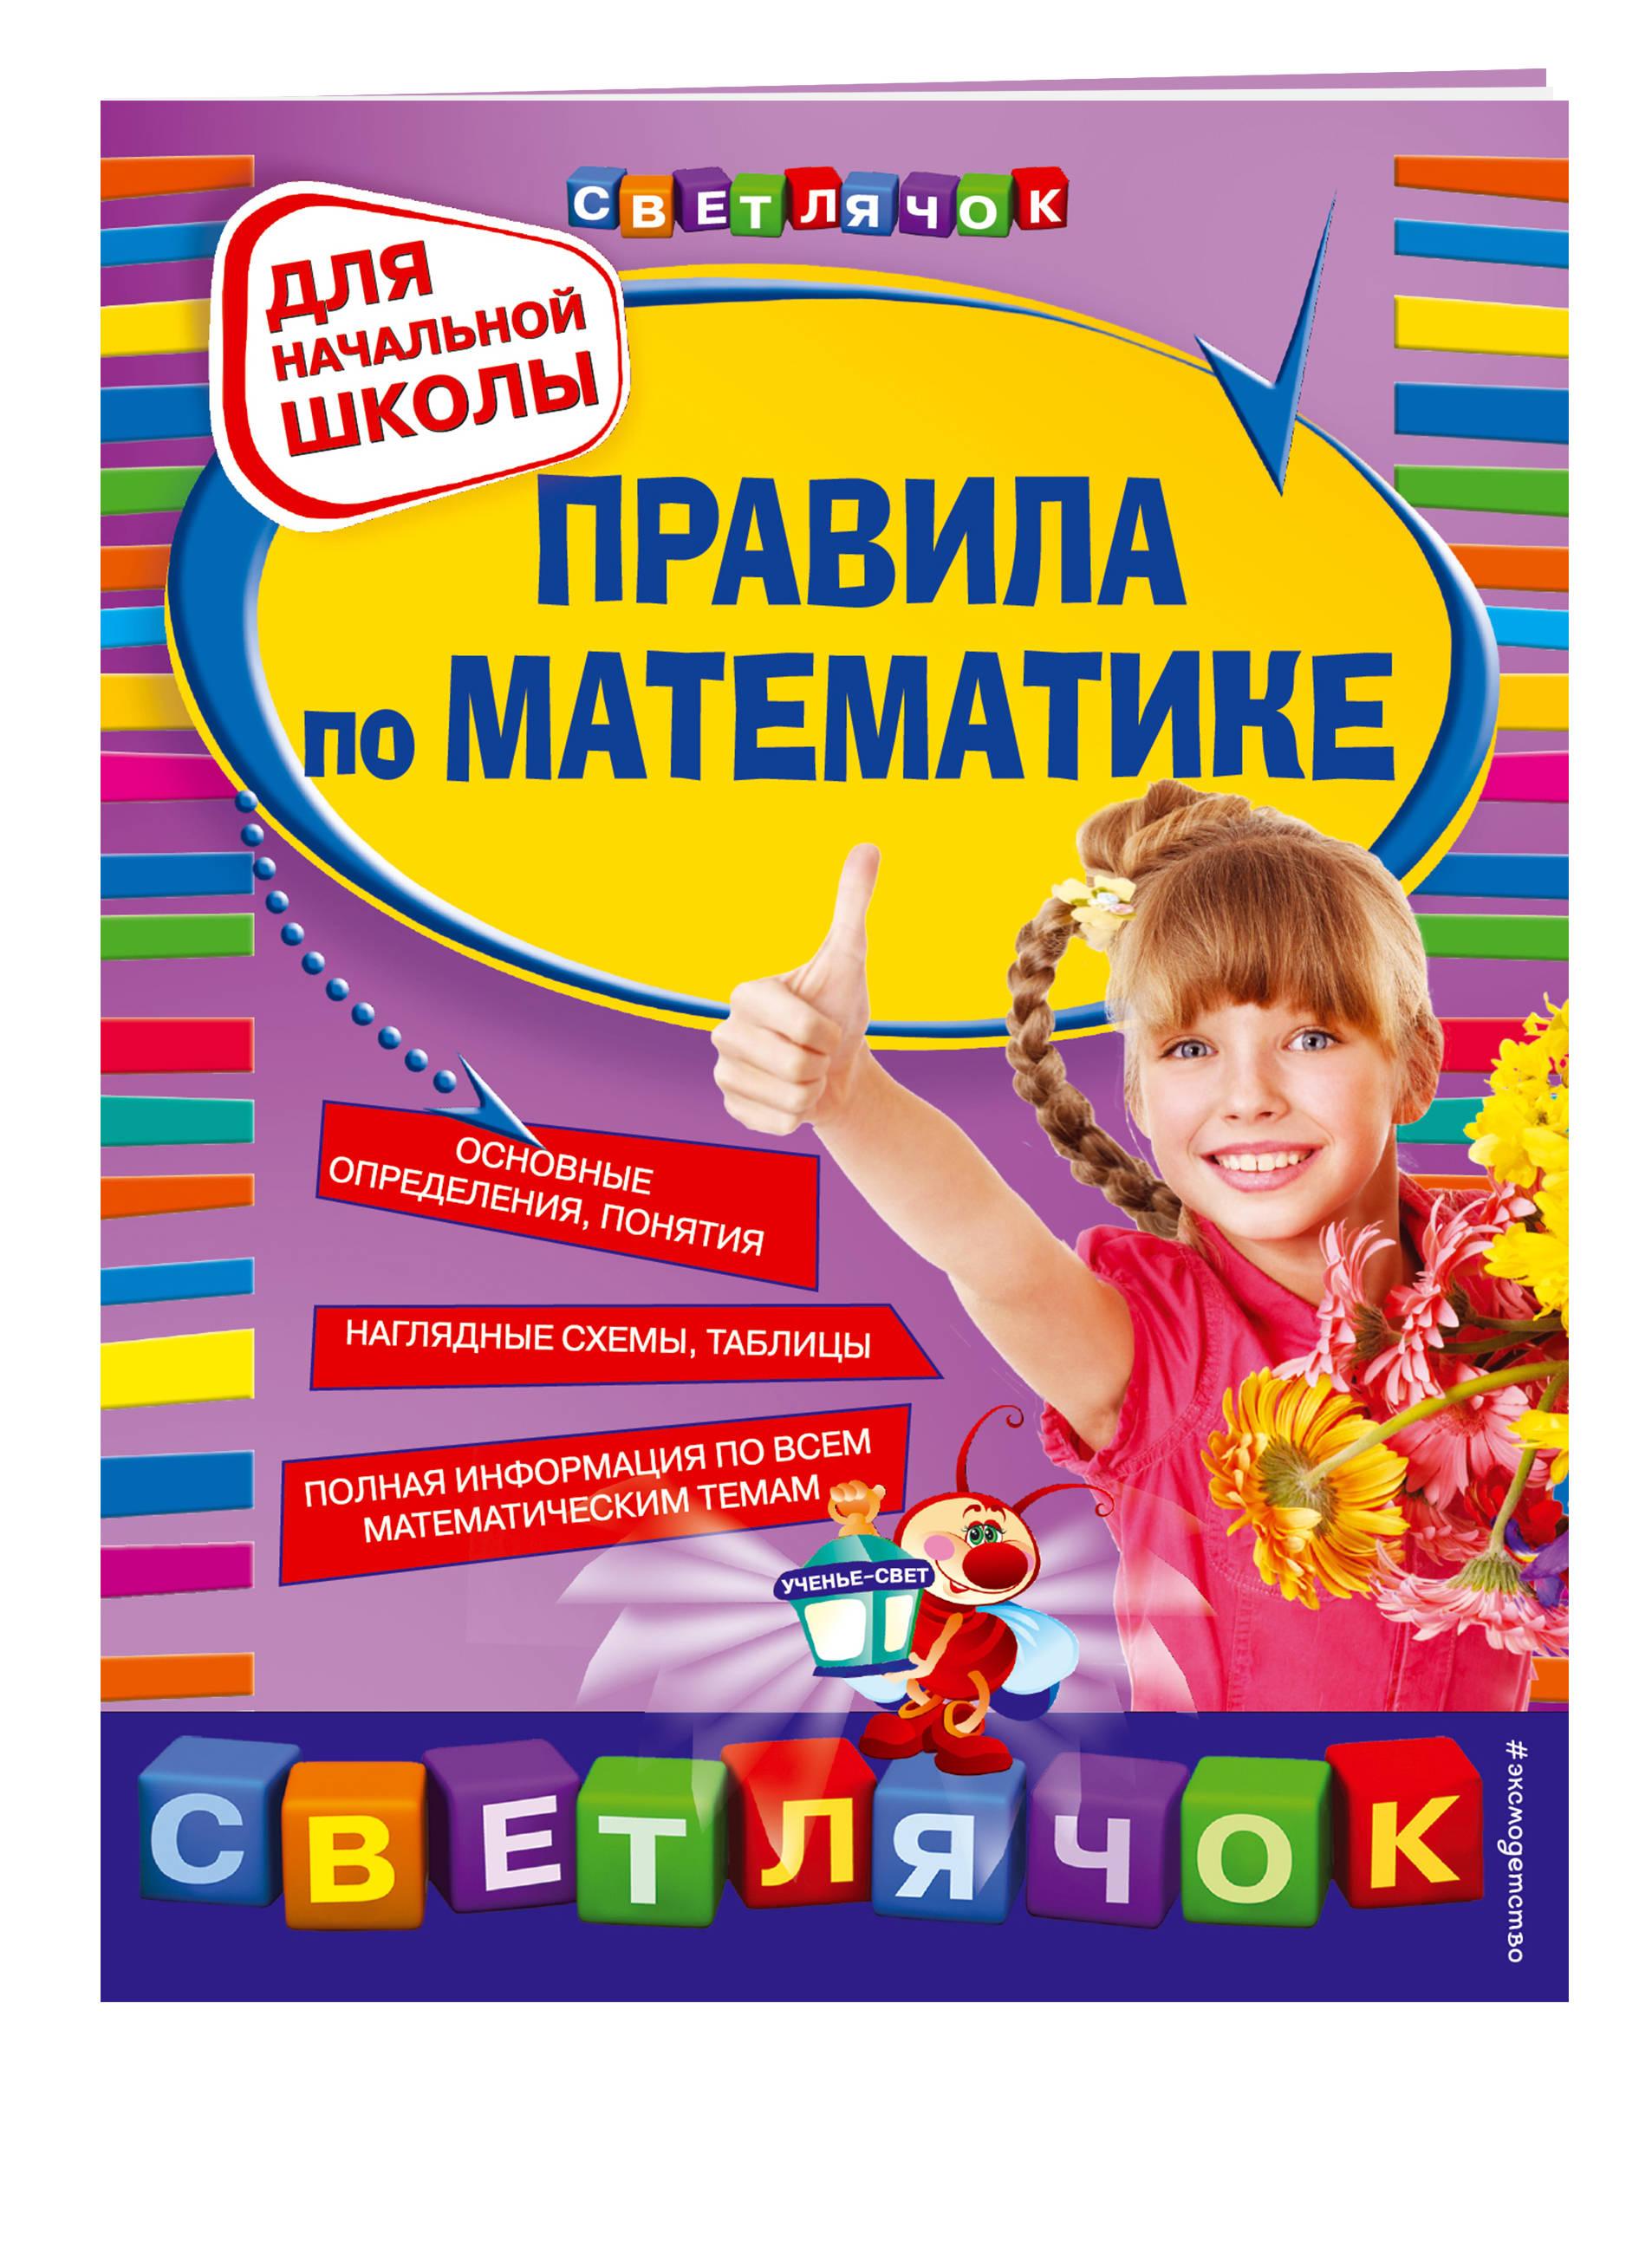 Правила по математике: для начальной школы, 2-е изд., испр. и перераб. от book24.ru